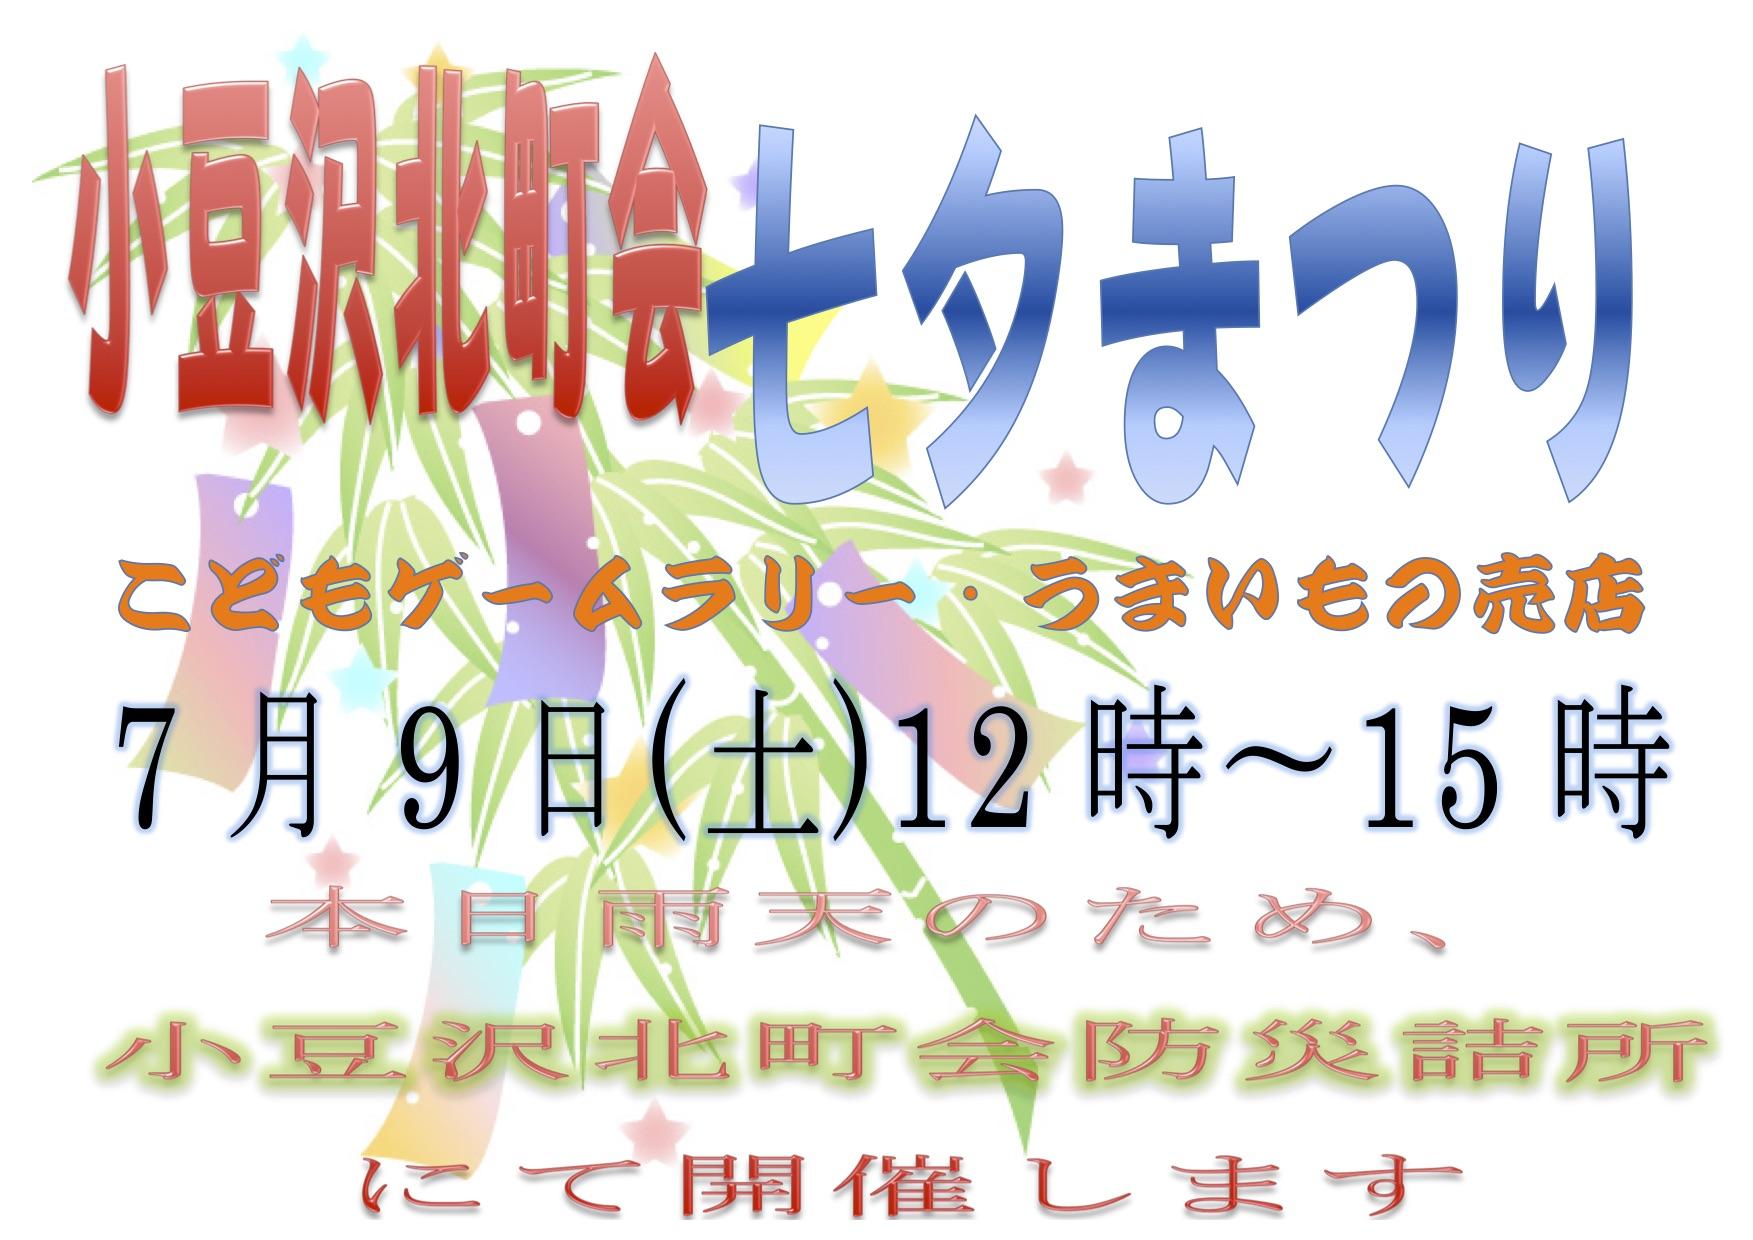 2016年7月9日(土)七夕まつり雨天